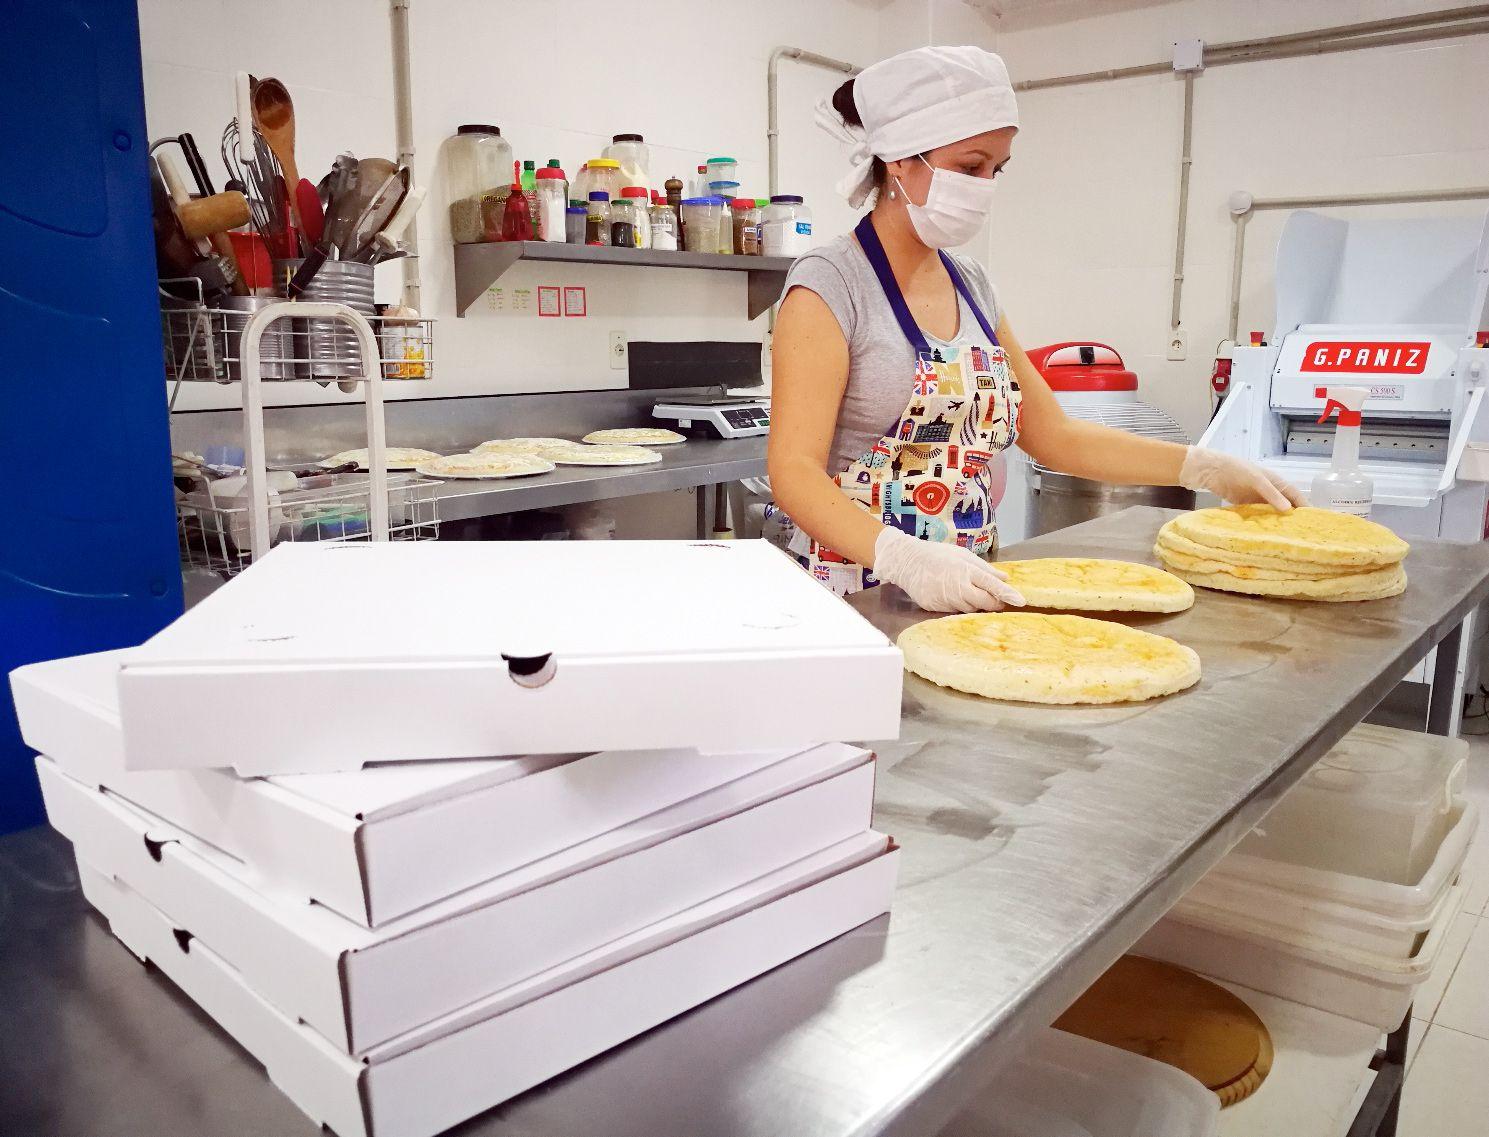 """Hornear pizzas congeladas es la propuesta de """"La Cocina de Tío Carlitos"""", que da la oportunidad de comerlas calientes, recién salido del horno del hogar. Similar propuesta ofrece """"Delibebé""""."""